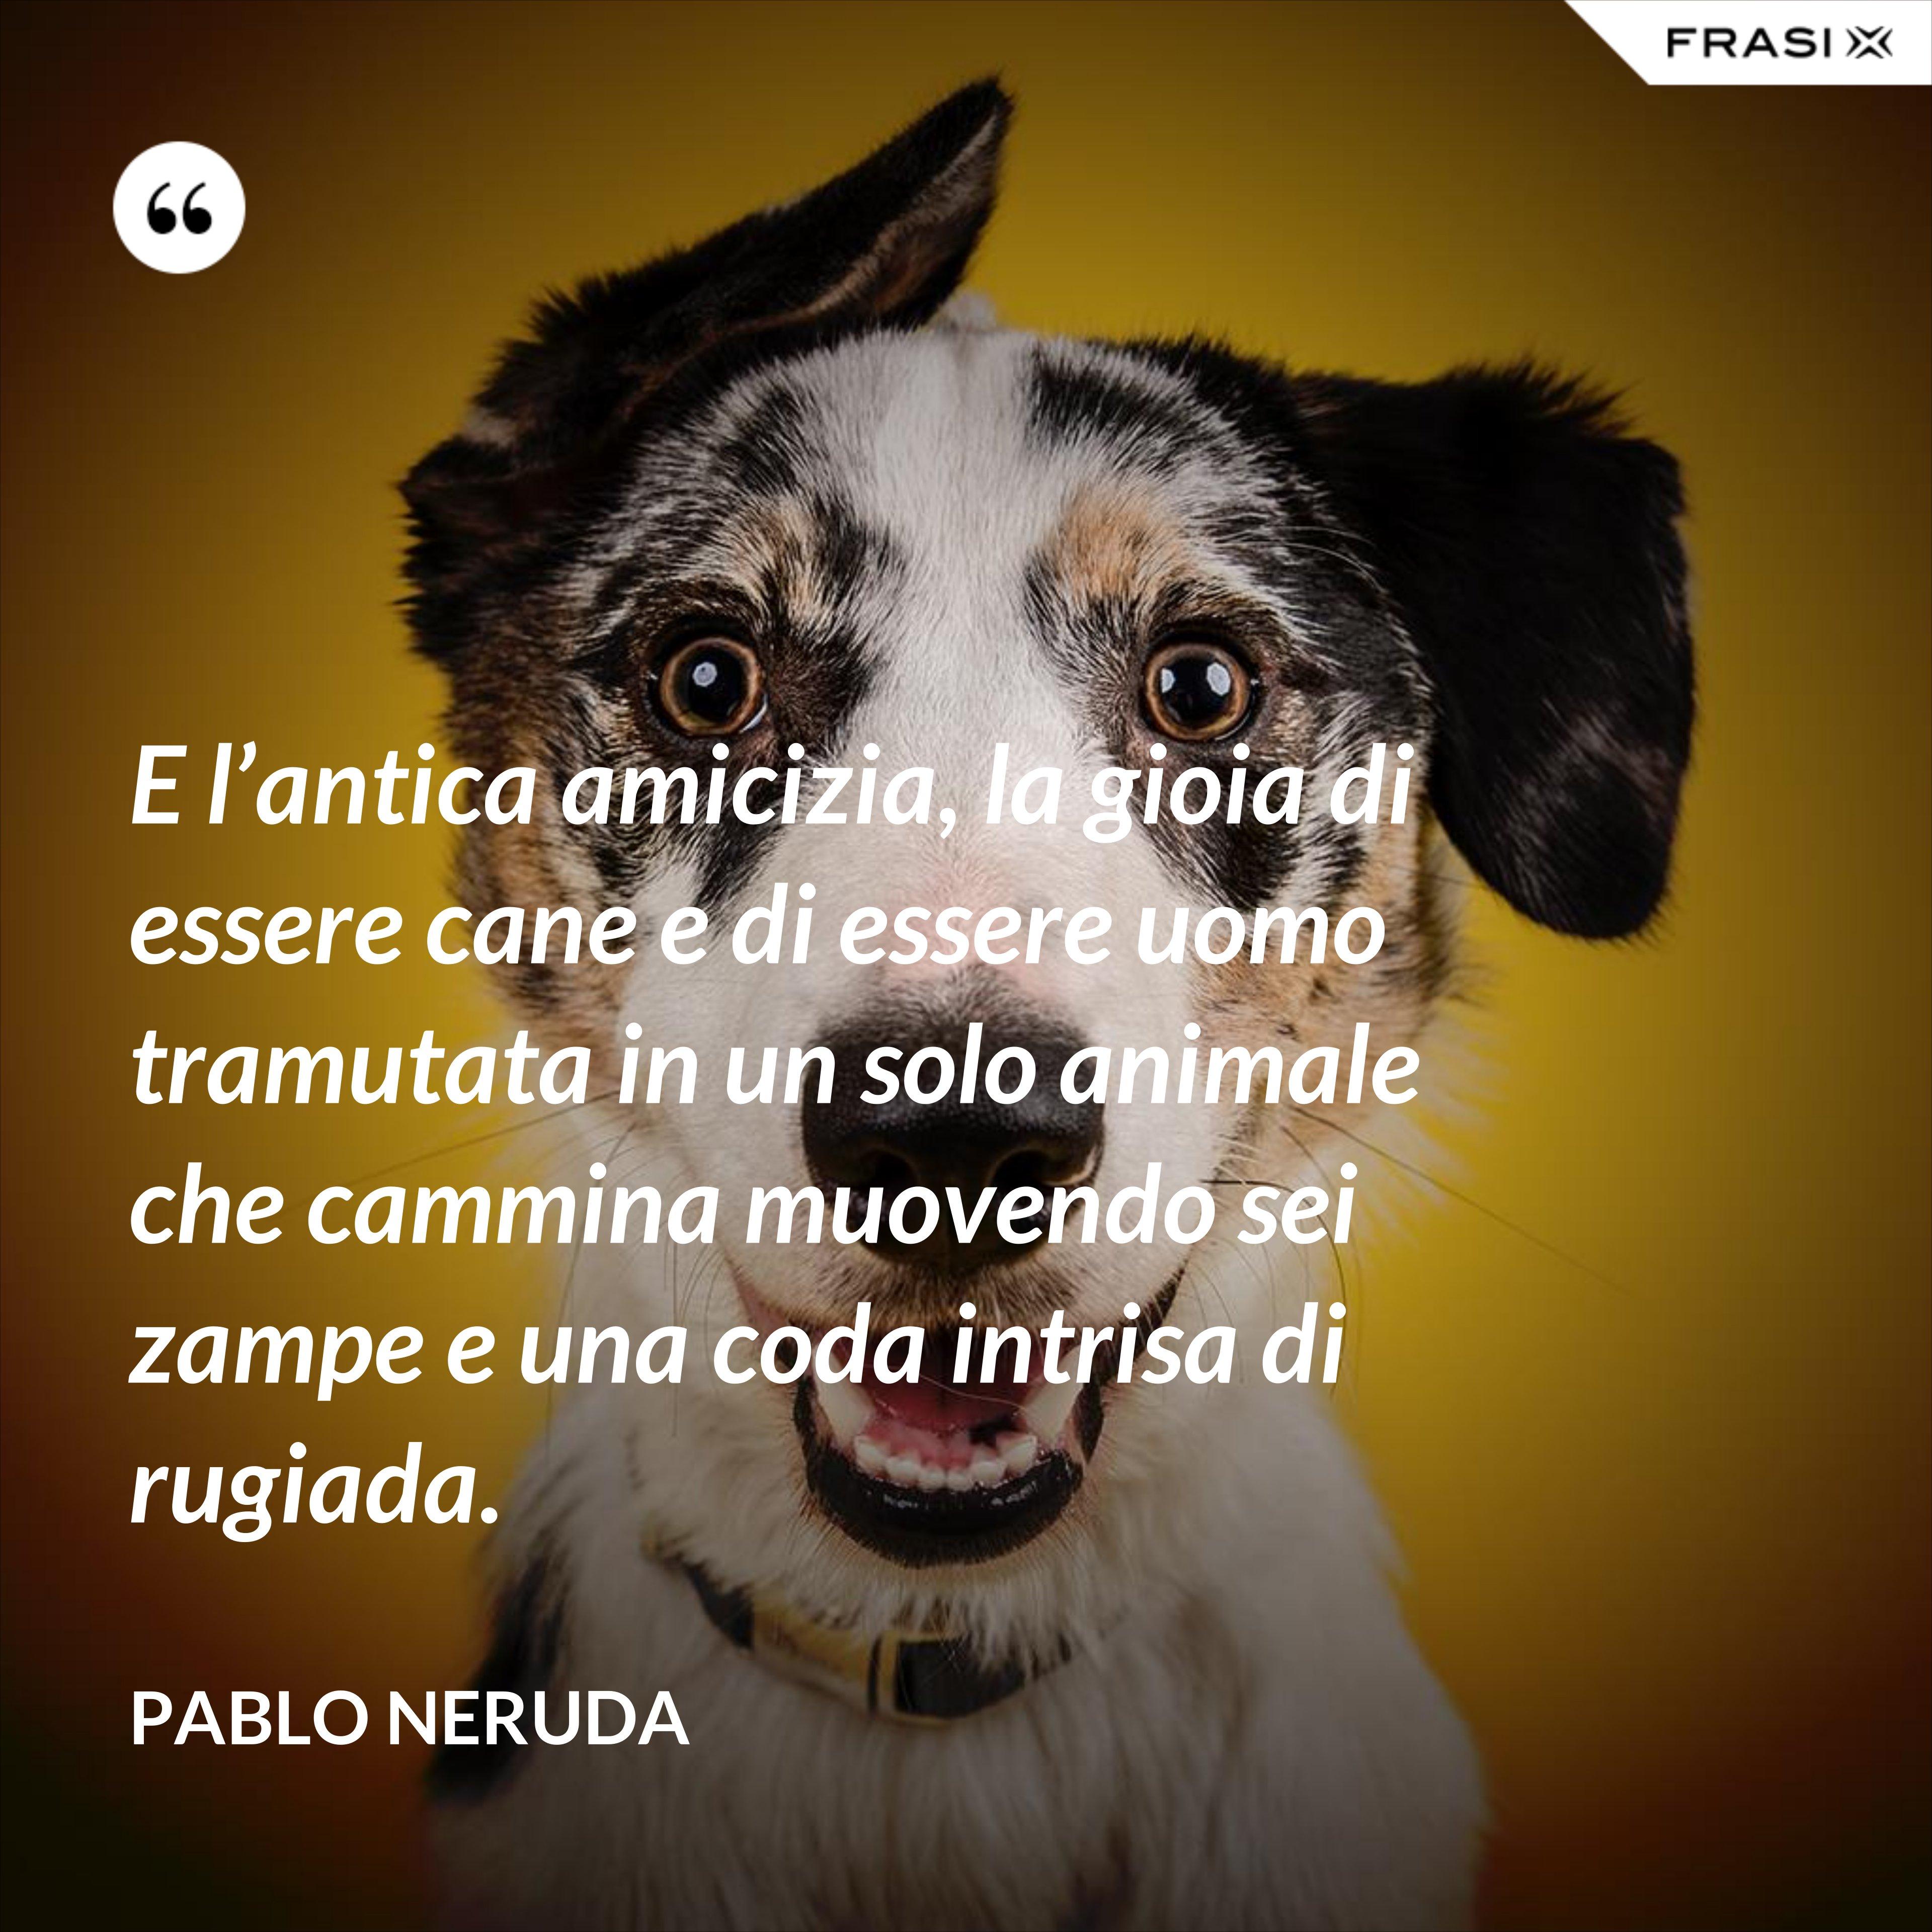 E l'antica amicizia, la gioia di essere cane e di essere uomo tramutata in un solo animale che cammina muovendo sei zampe e una coda intrisa di rugiada. - Pablo Neruda